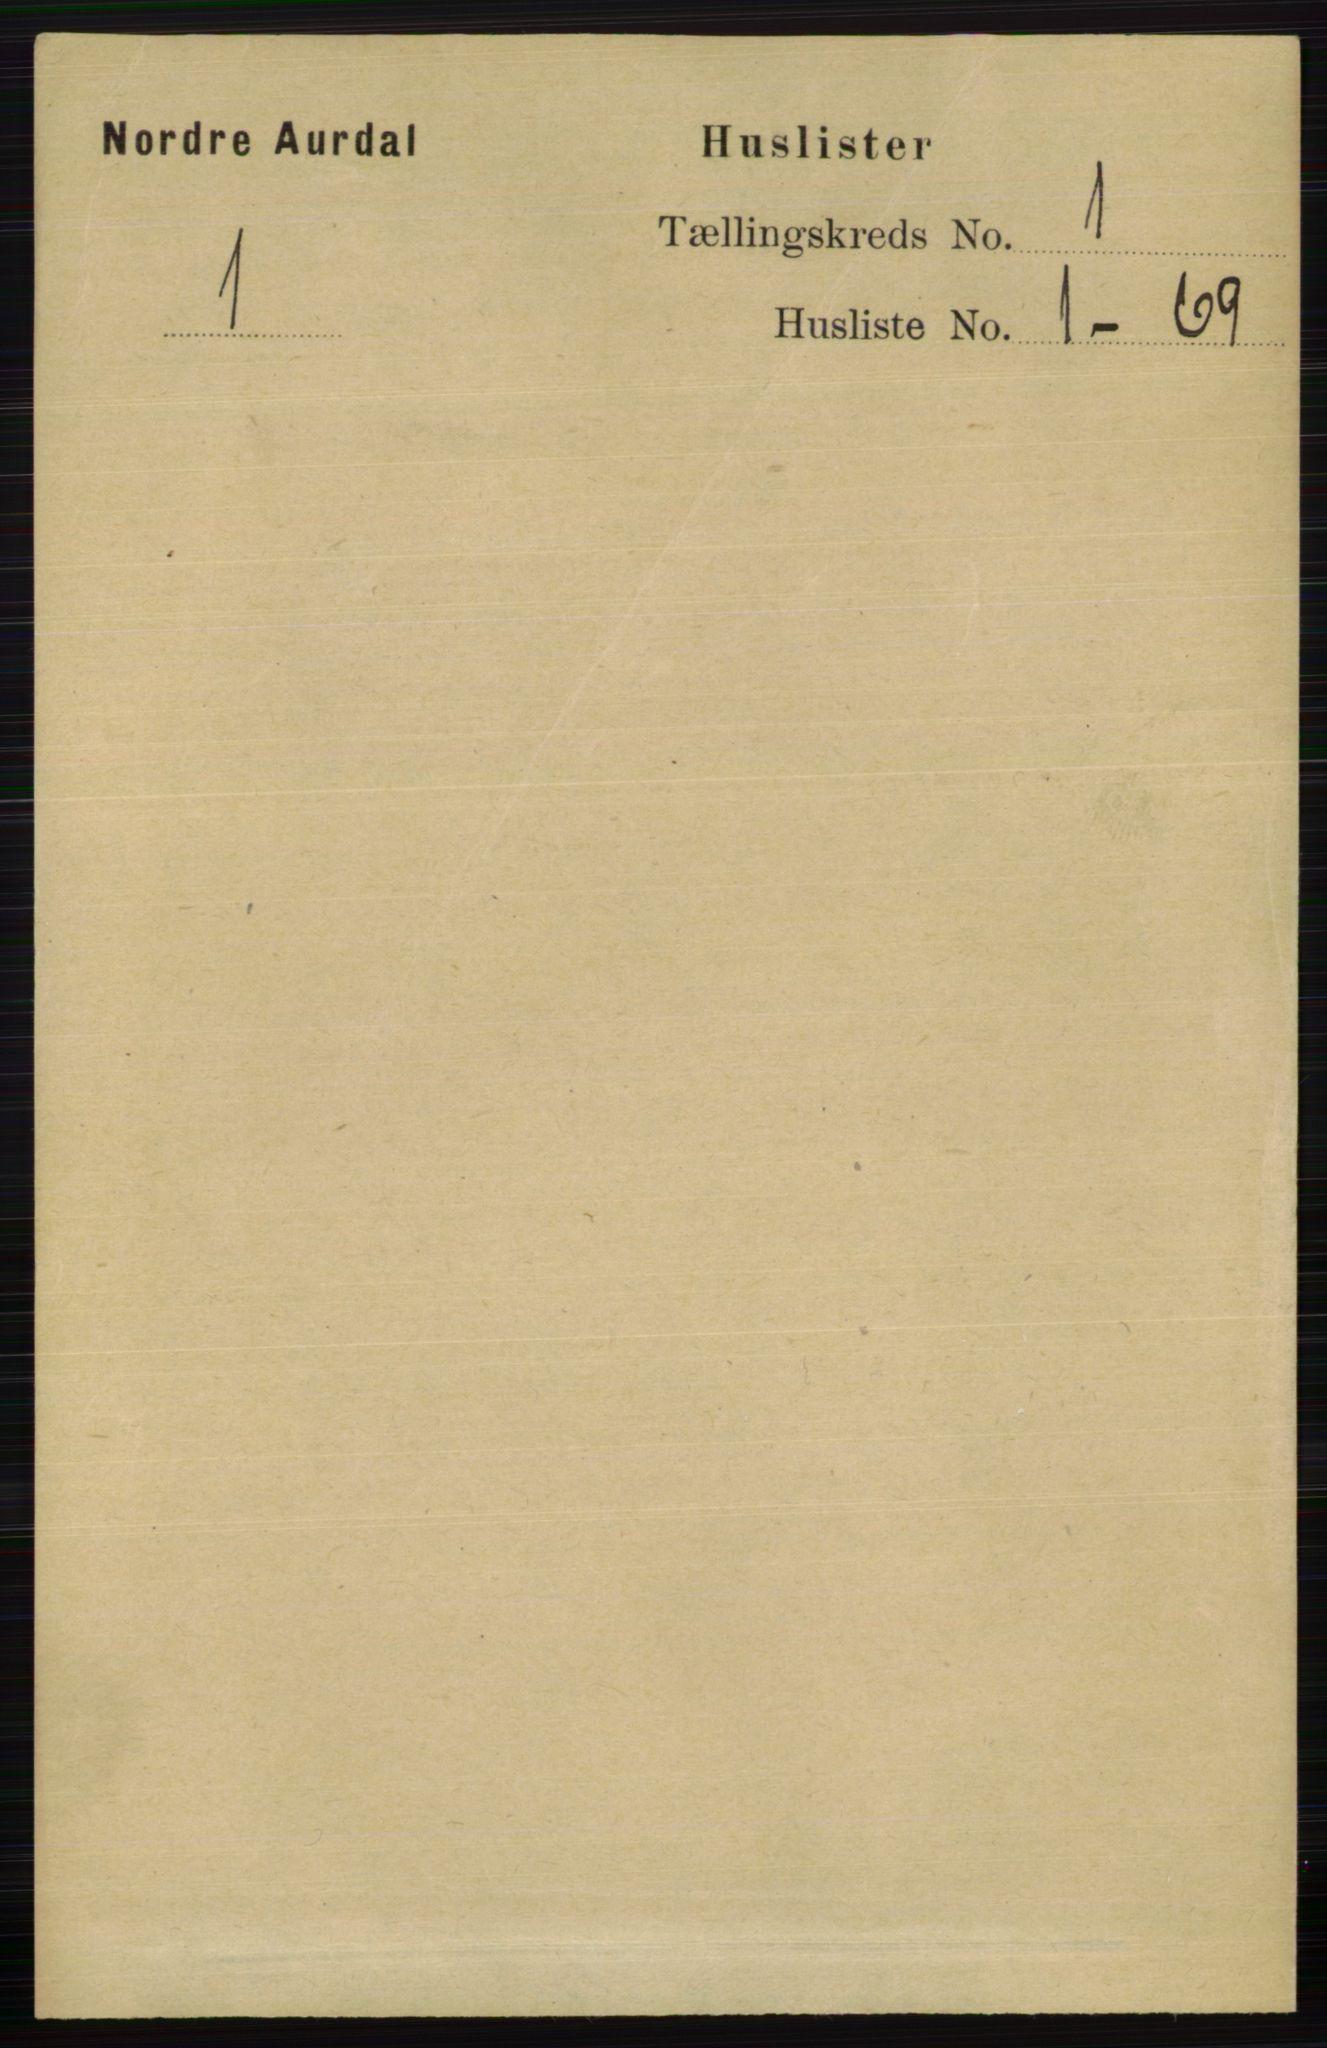 RA, Folketelling 1891 for 0542 Nord-Aurdal herred, 1891, s. 44